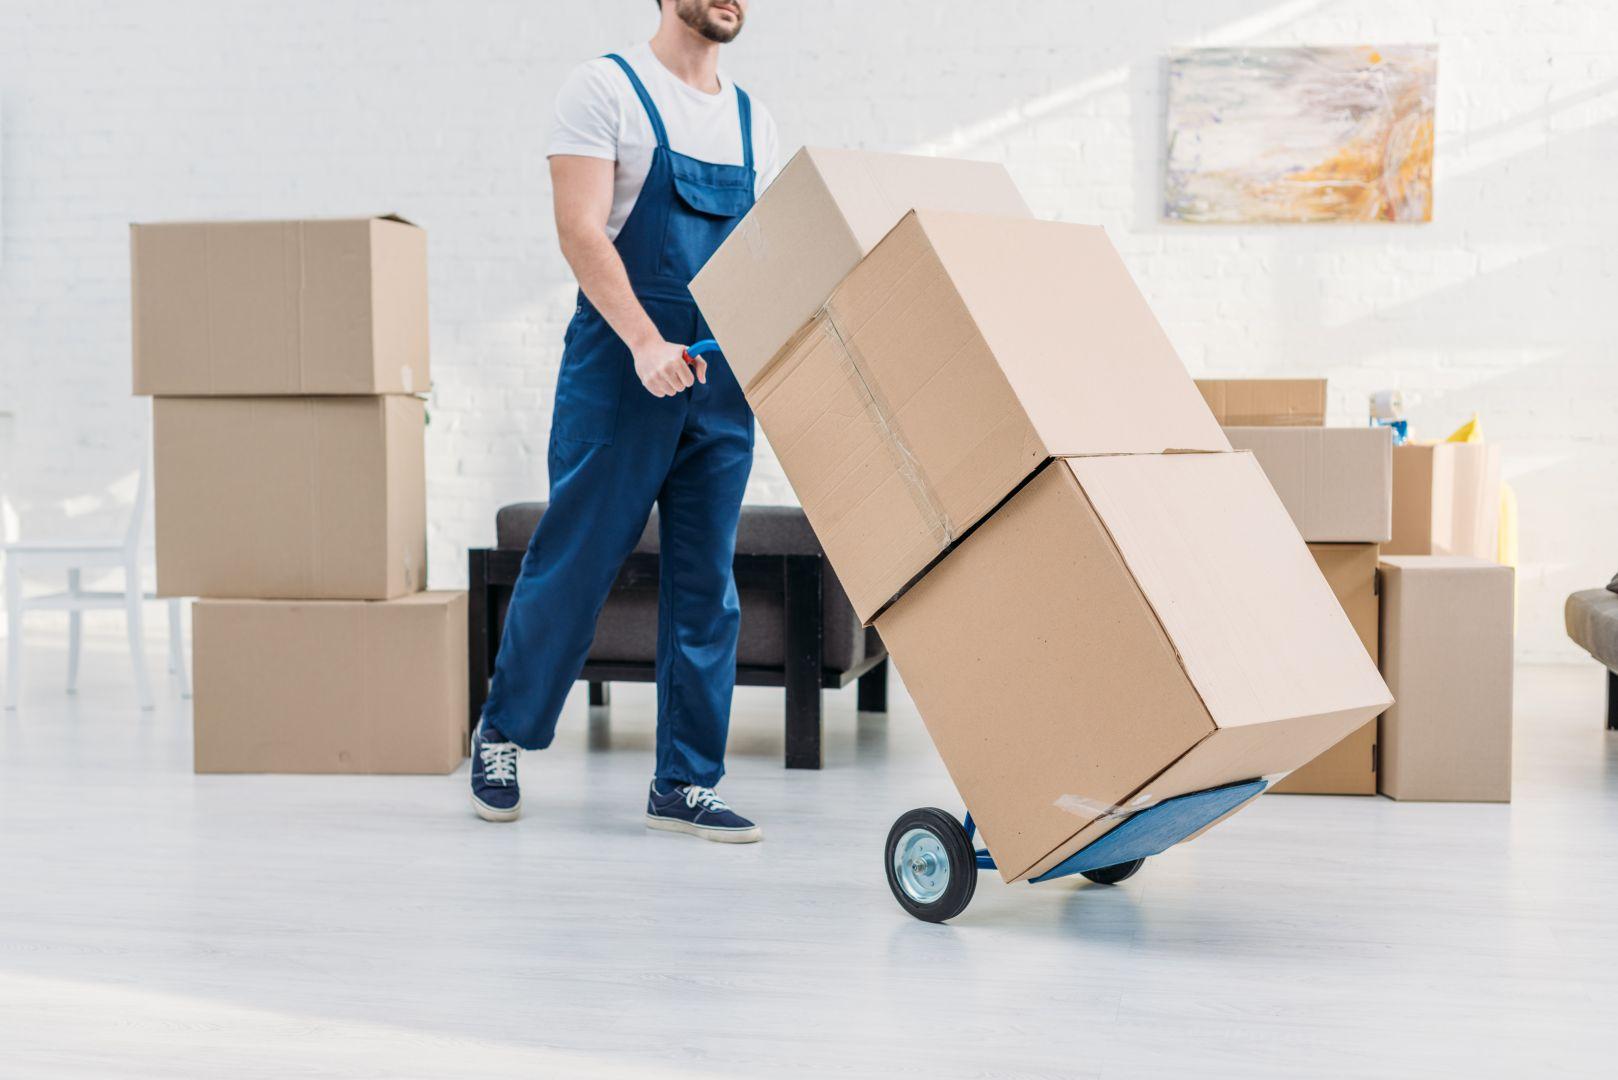 Les déménagements et visites immobilières sont autorisés à plus de 100 km de sa résidence